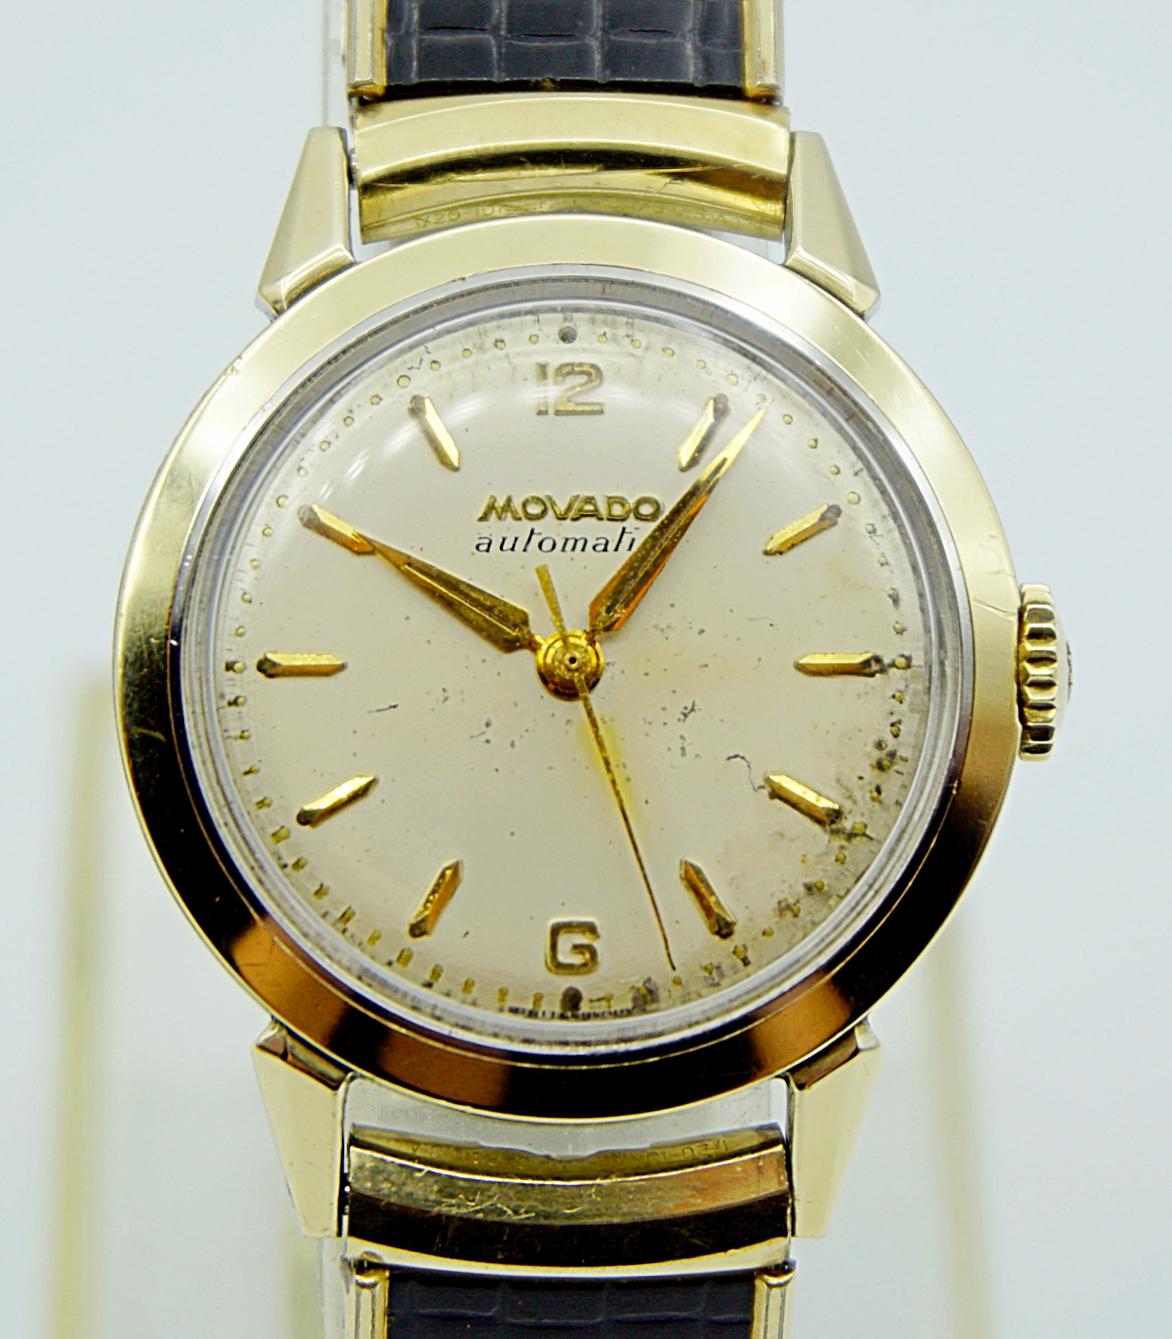 นาฬิกาเก่า MOVADO ออโตเมติก